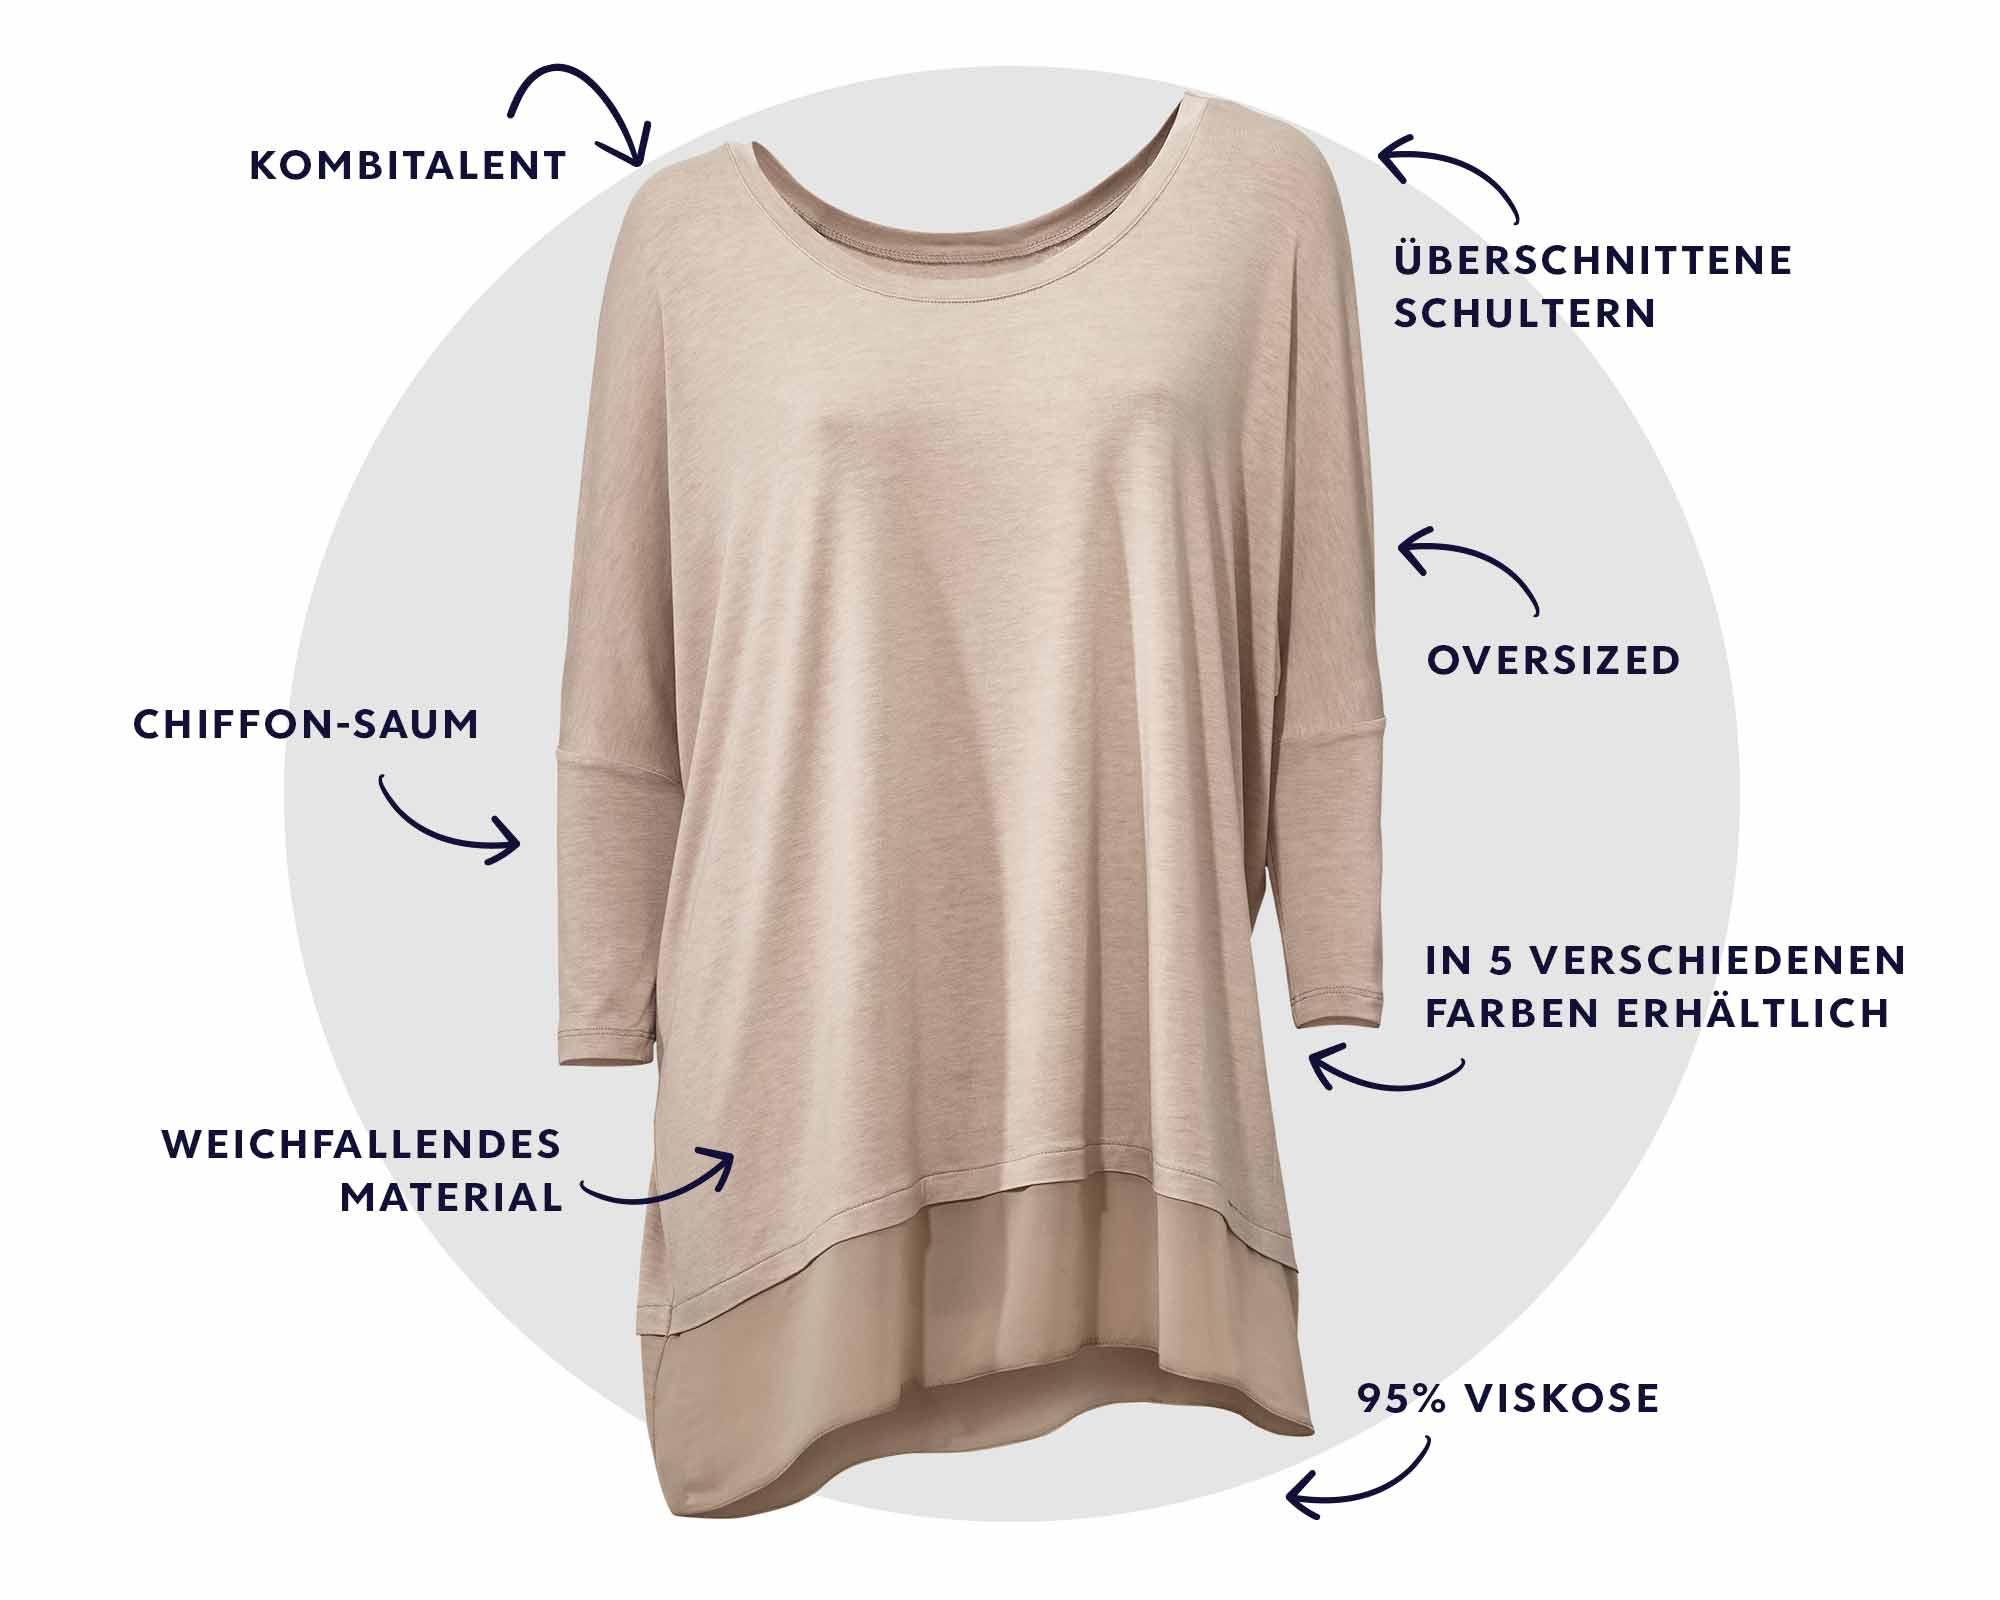 Oversize-Shirt mit Chiffon-Saum